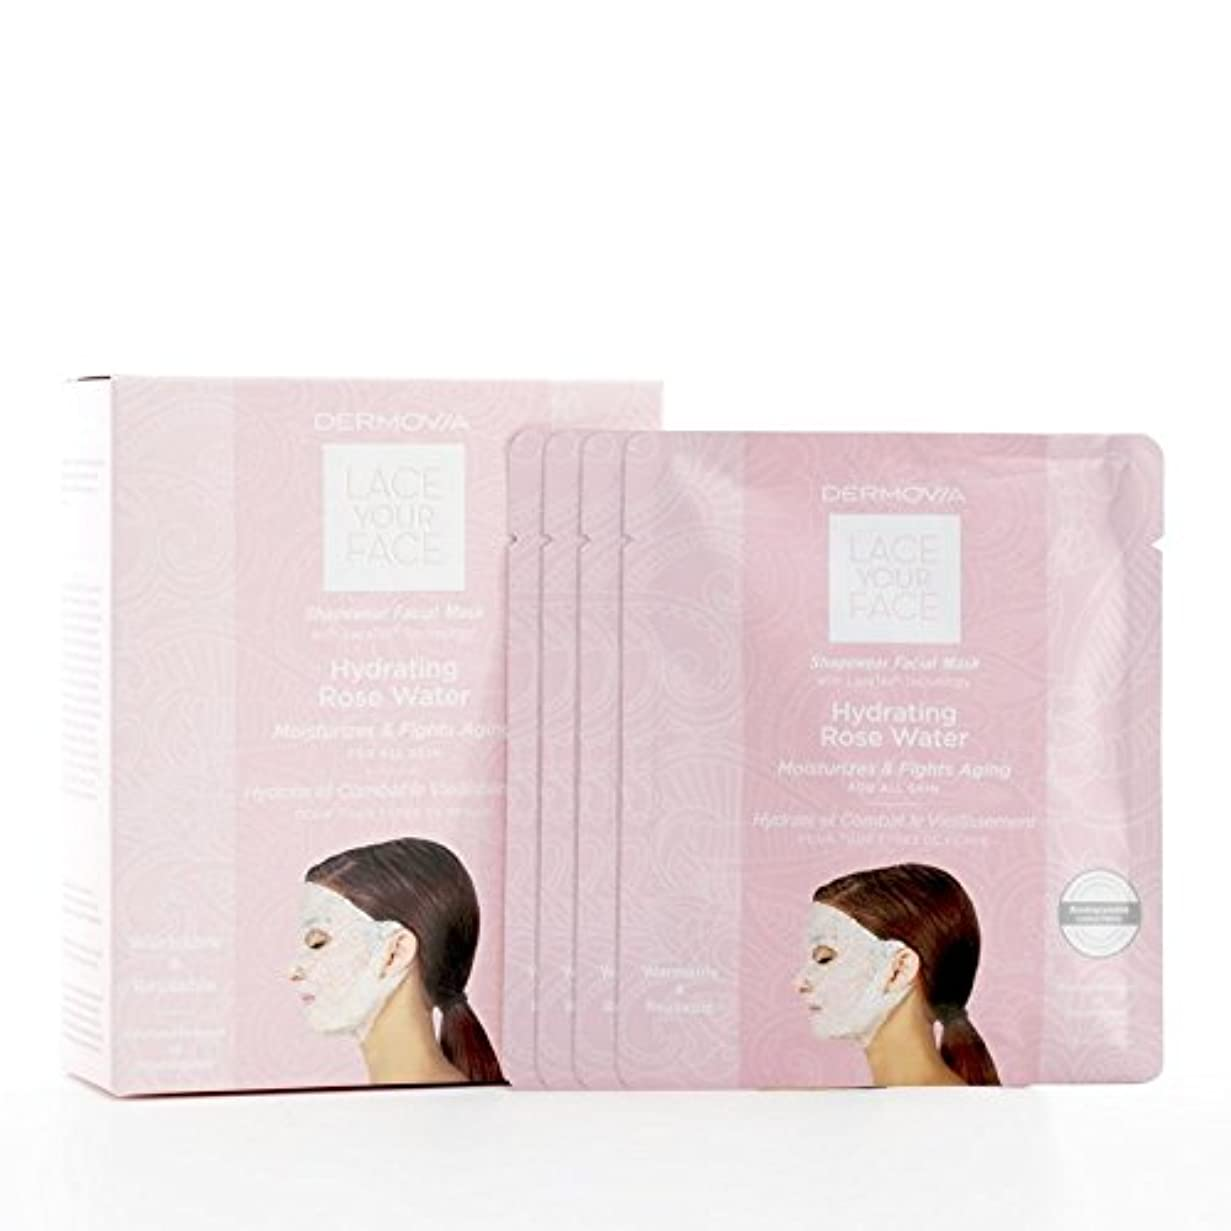 しなければならない歯科医フォーカスDermovia Lace Your Face Compression Facial Mask Hydrating Rose Water (Pack of 6) - は、あなたの顔の圧縮フェイシャルマスク水和が水をバラレース x6 [並行輸入品]